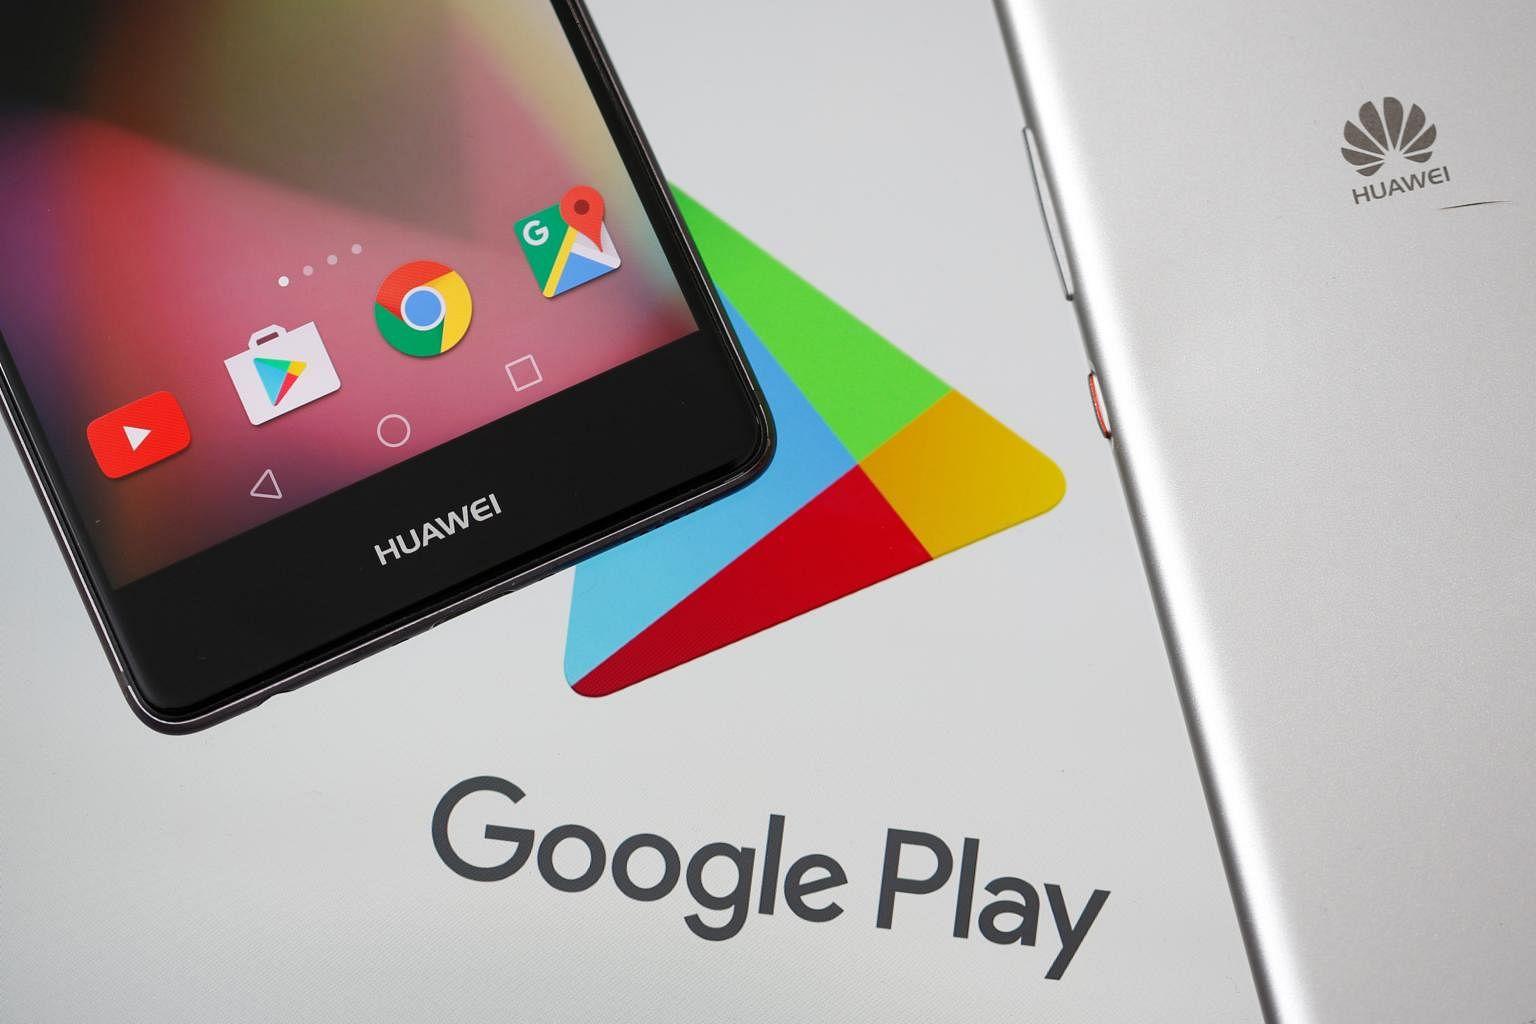 Huawei founder says US underestimates company as Washington